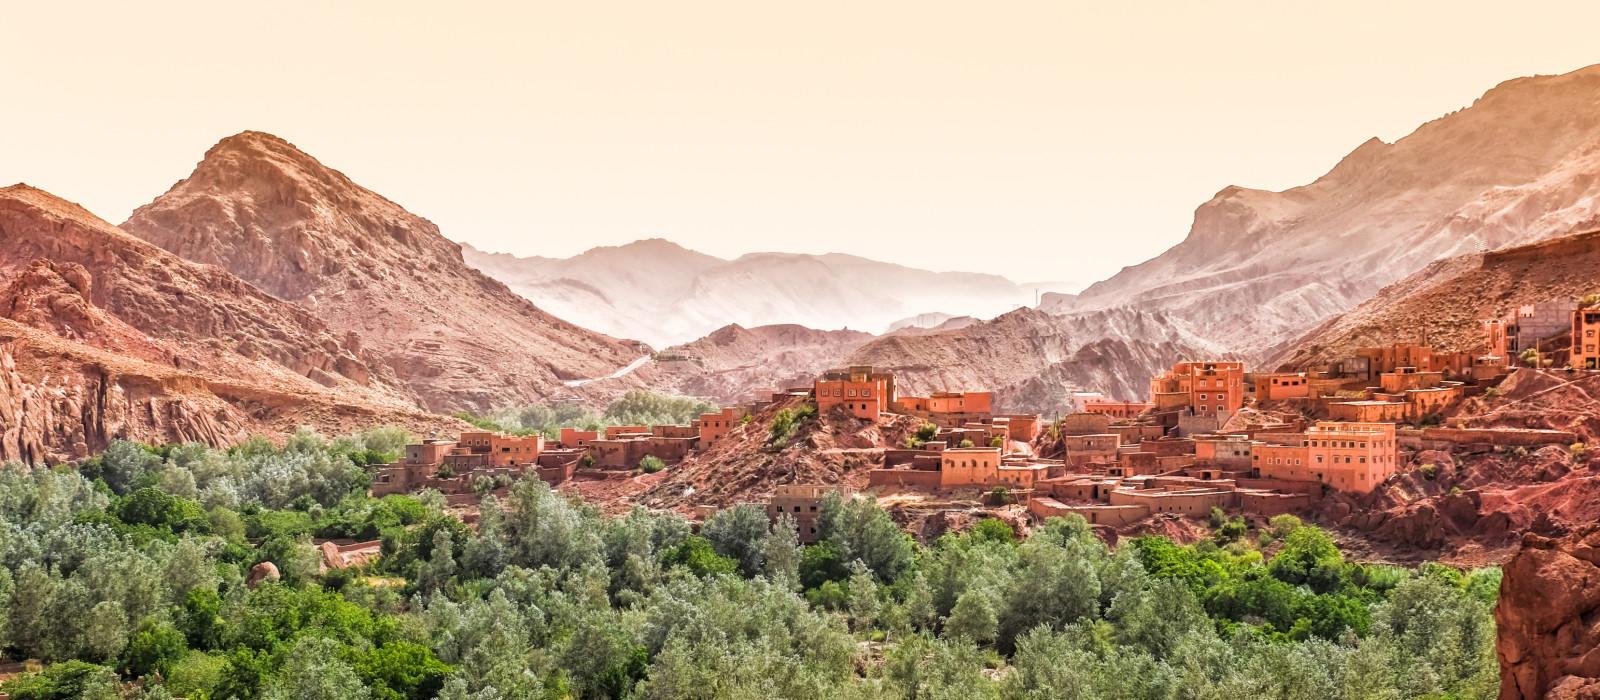 Hotel Kasbah Bab Ourika Marokko